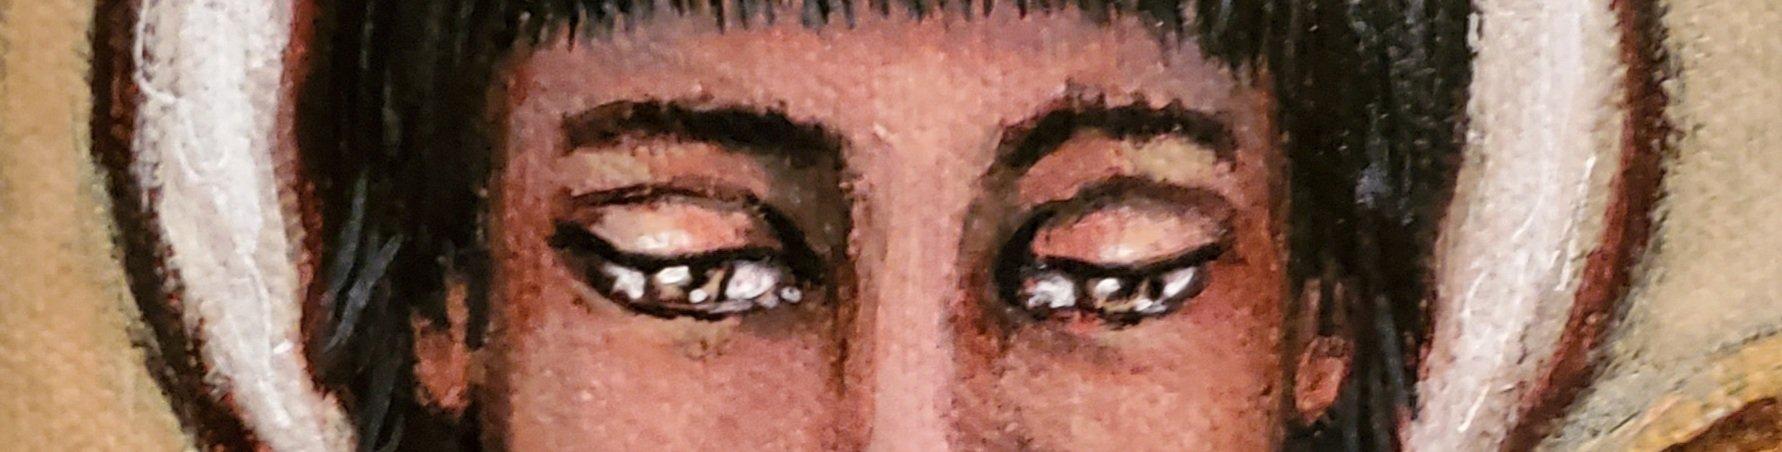 Jeanne's eyes